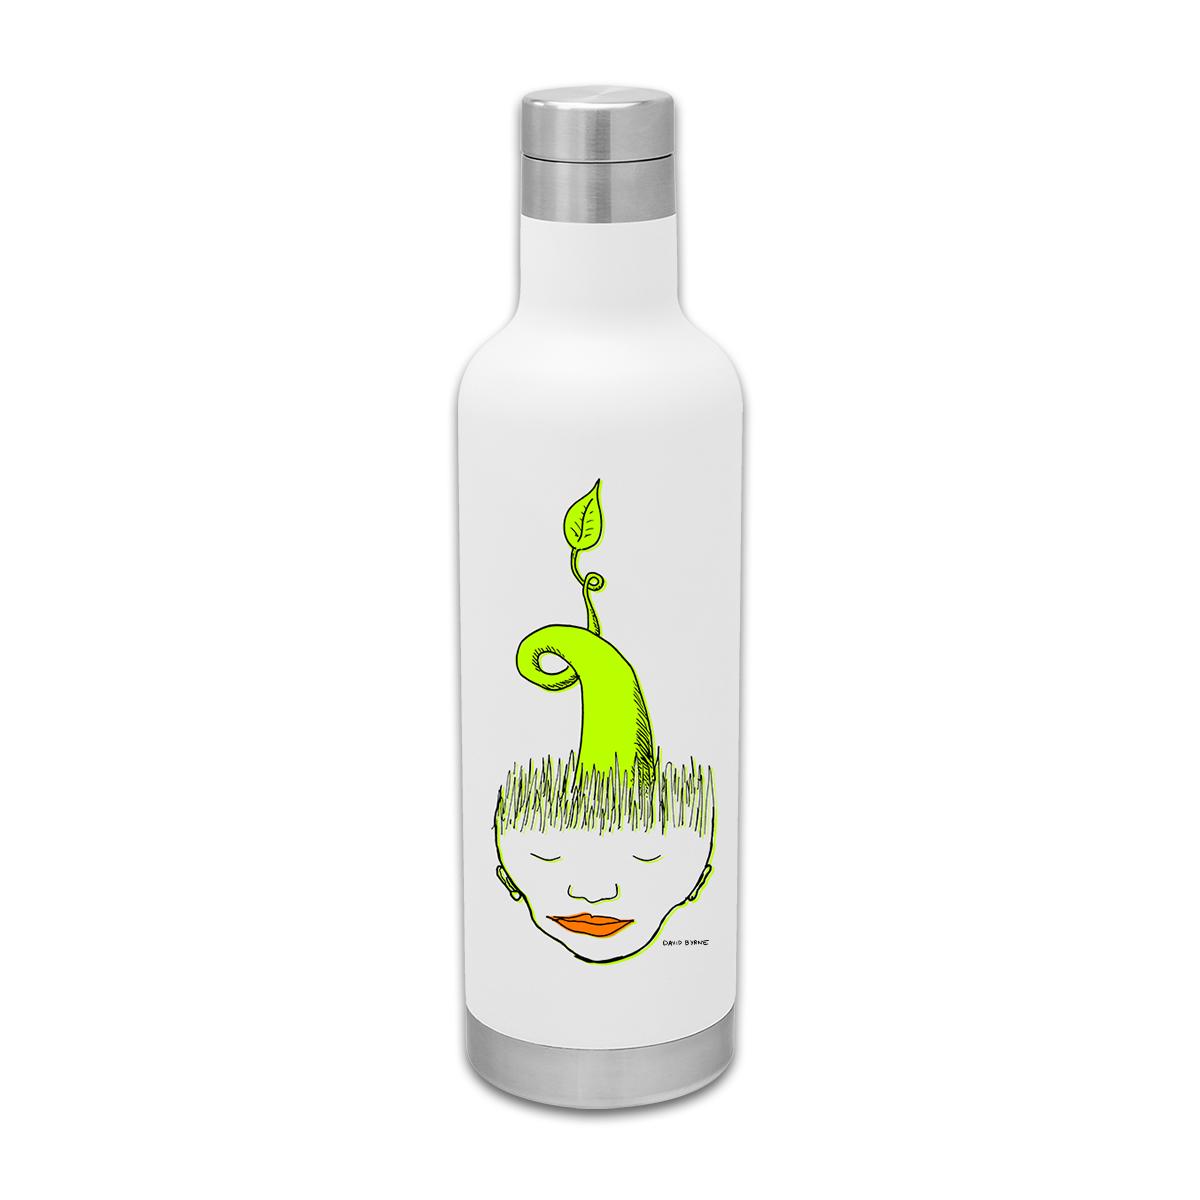 The Idea Water Bottle